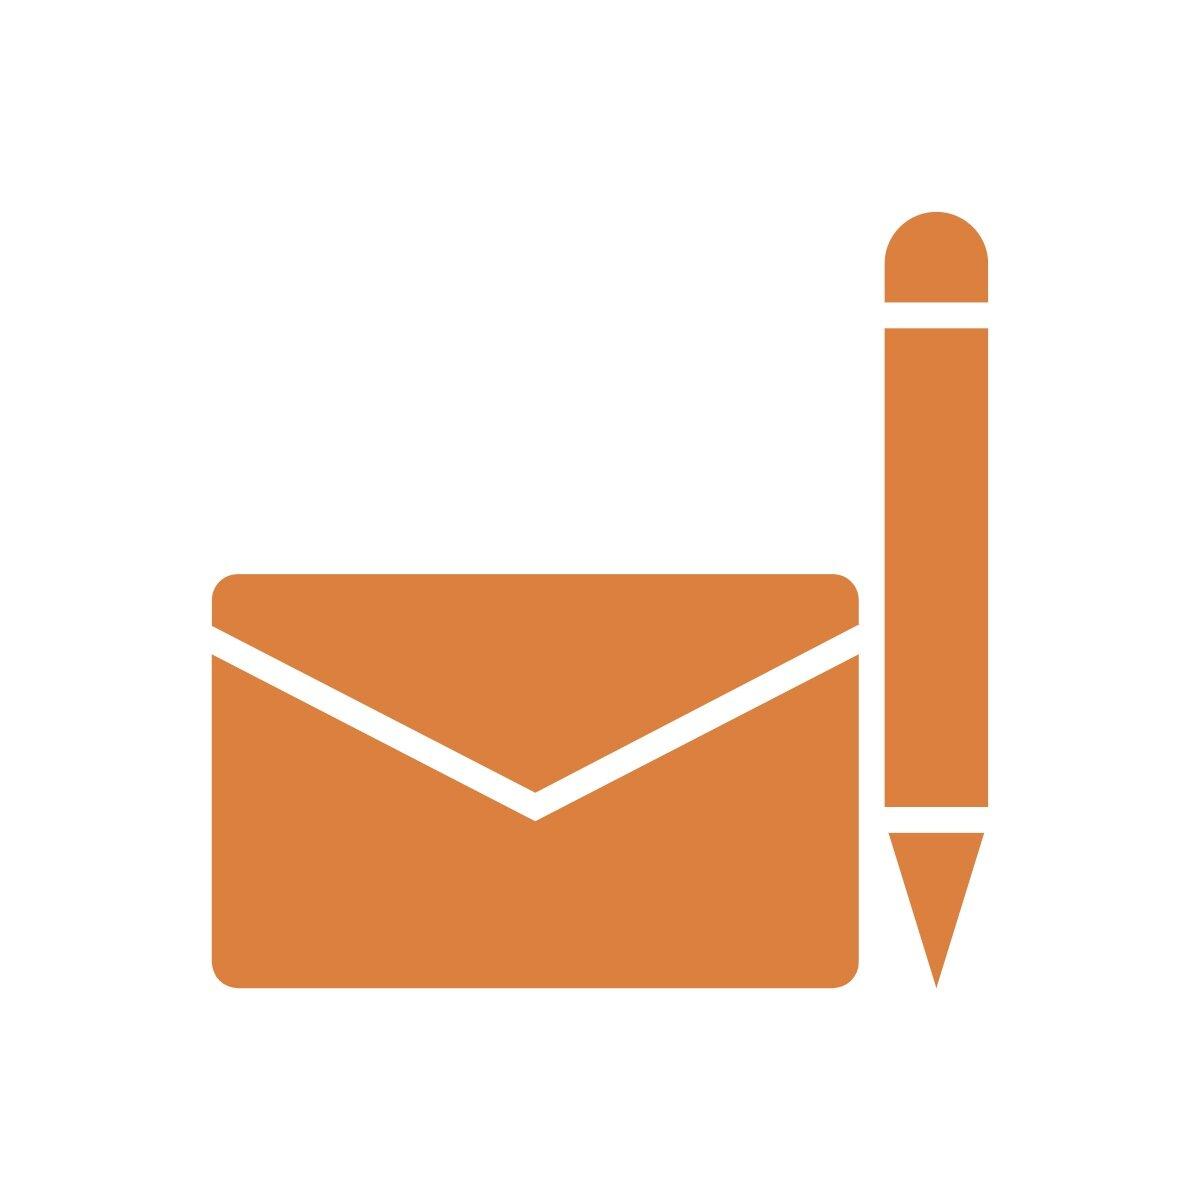 noun_Letter_1618233.jpg